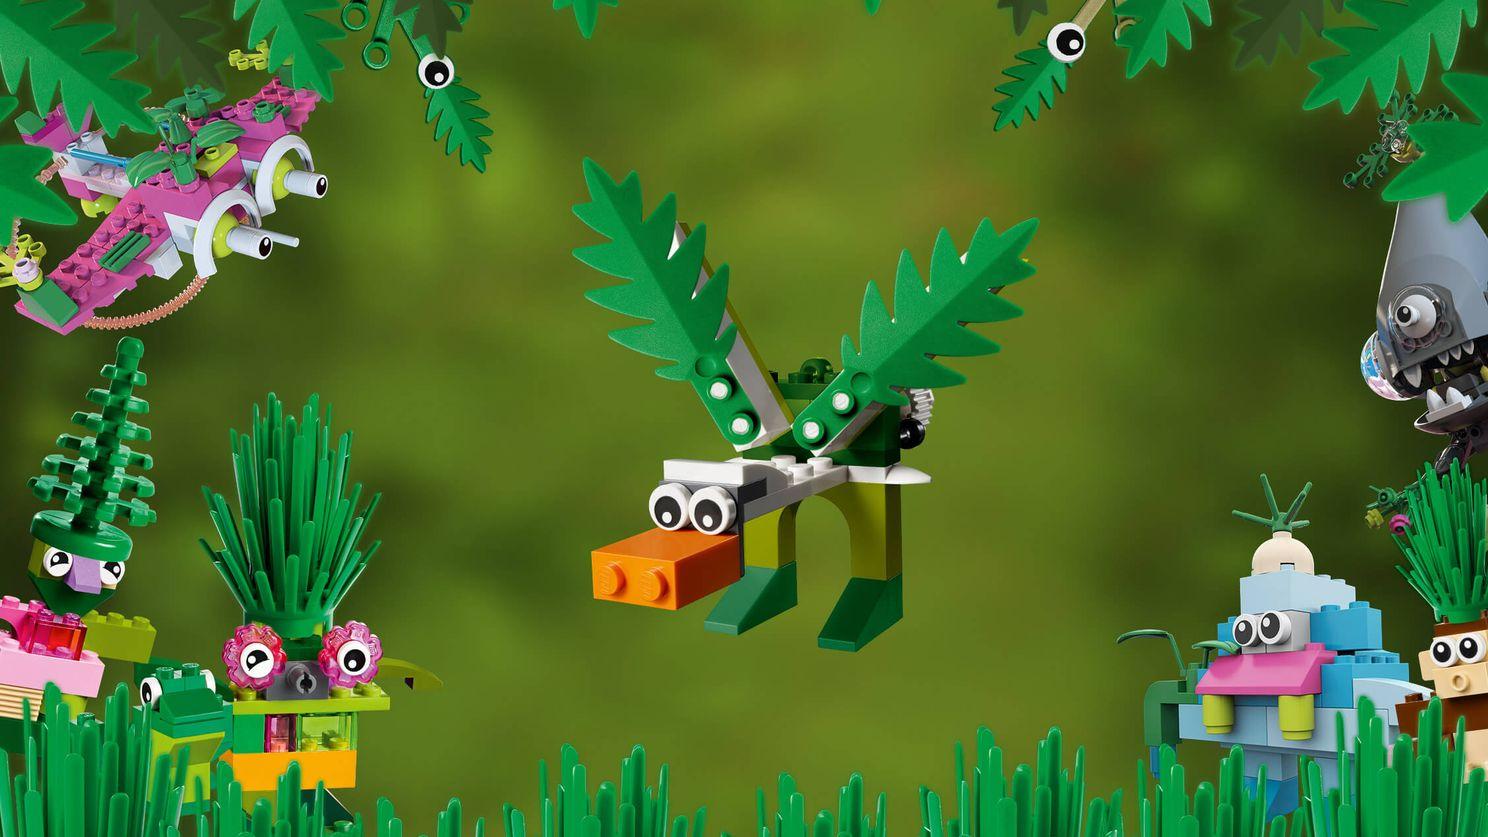 Lego Plants ก้าวใหม่ของเลโก้กับคอลเล็กชั่นวัสดุไบโอพลาสติกจากต้นอ้อย